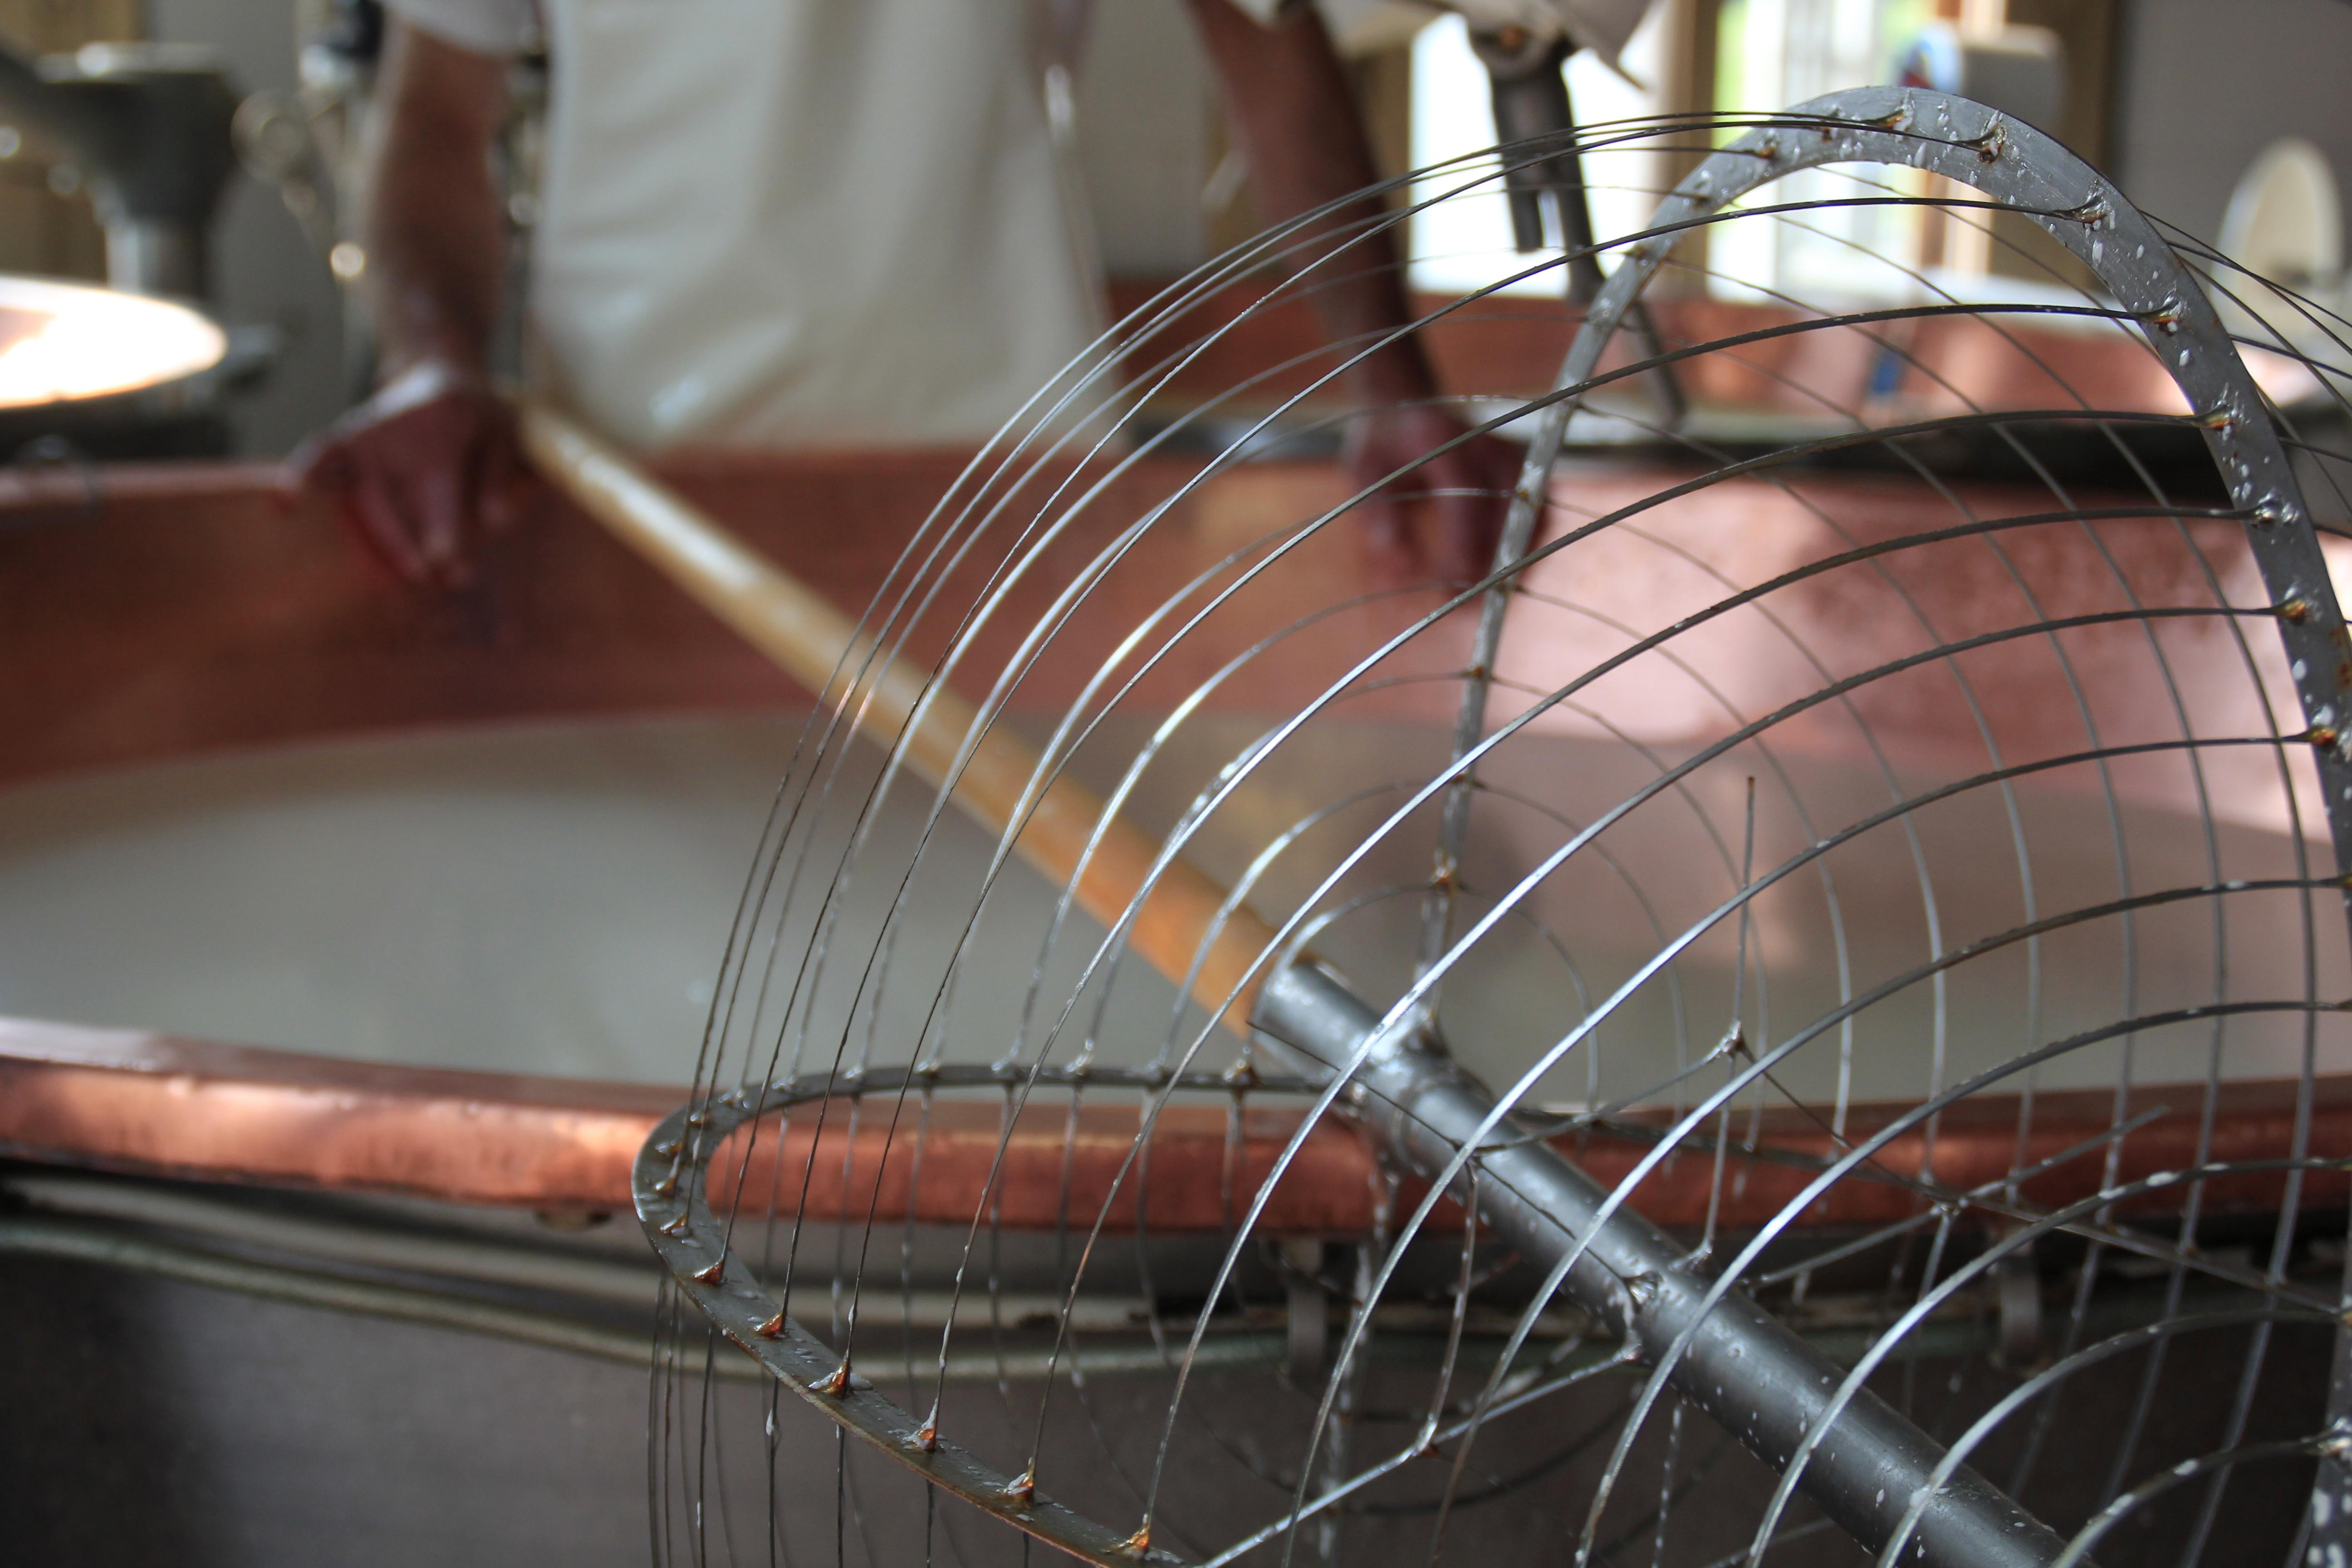 Processo di lavorazione, il cui ultimo passaggio è la stagionatura di Parmigiano Reggiano, Caseificio La Madonnina (Salsomaggiore Terme, Parma)